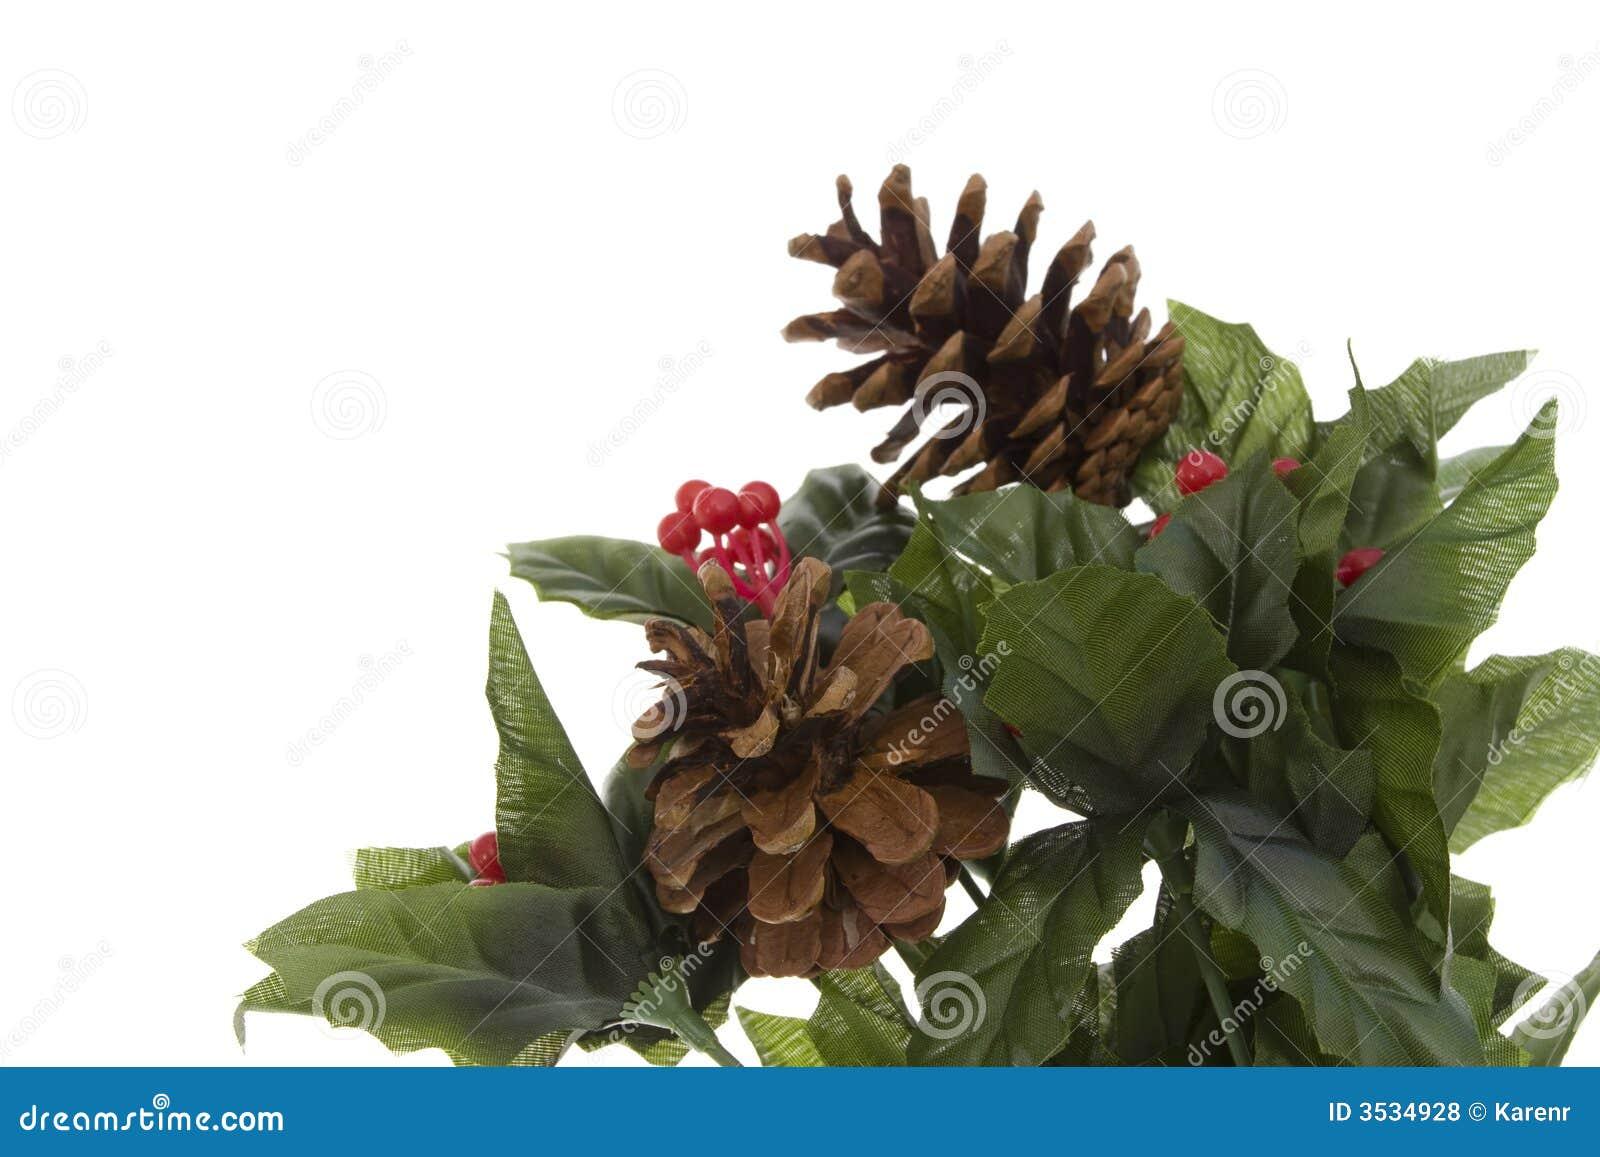 Hortaliças do Natal